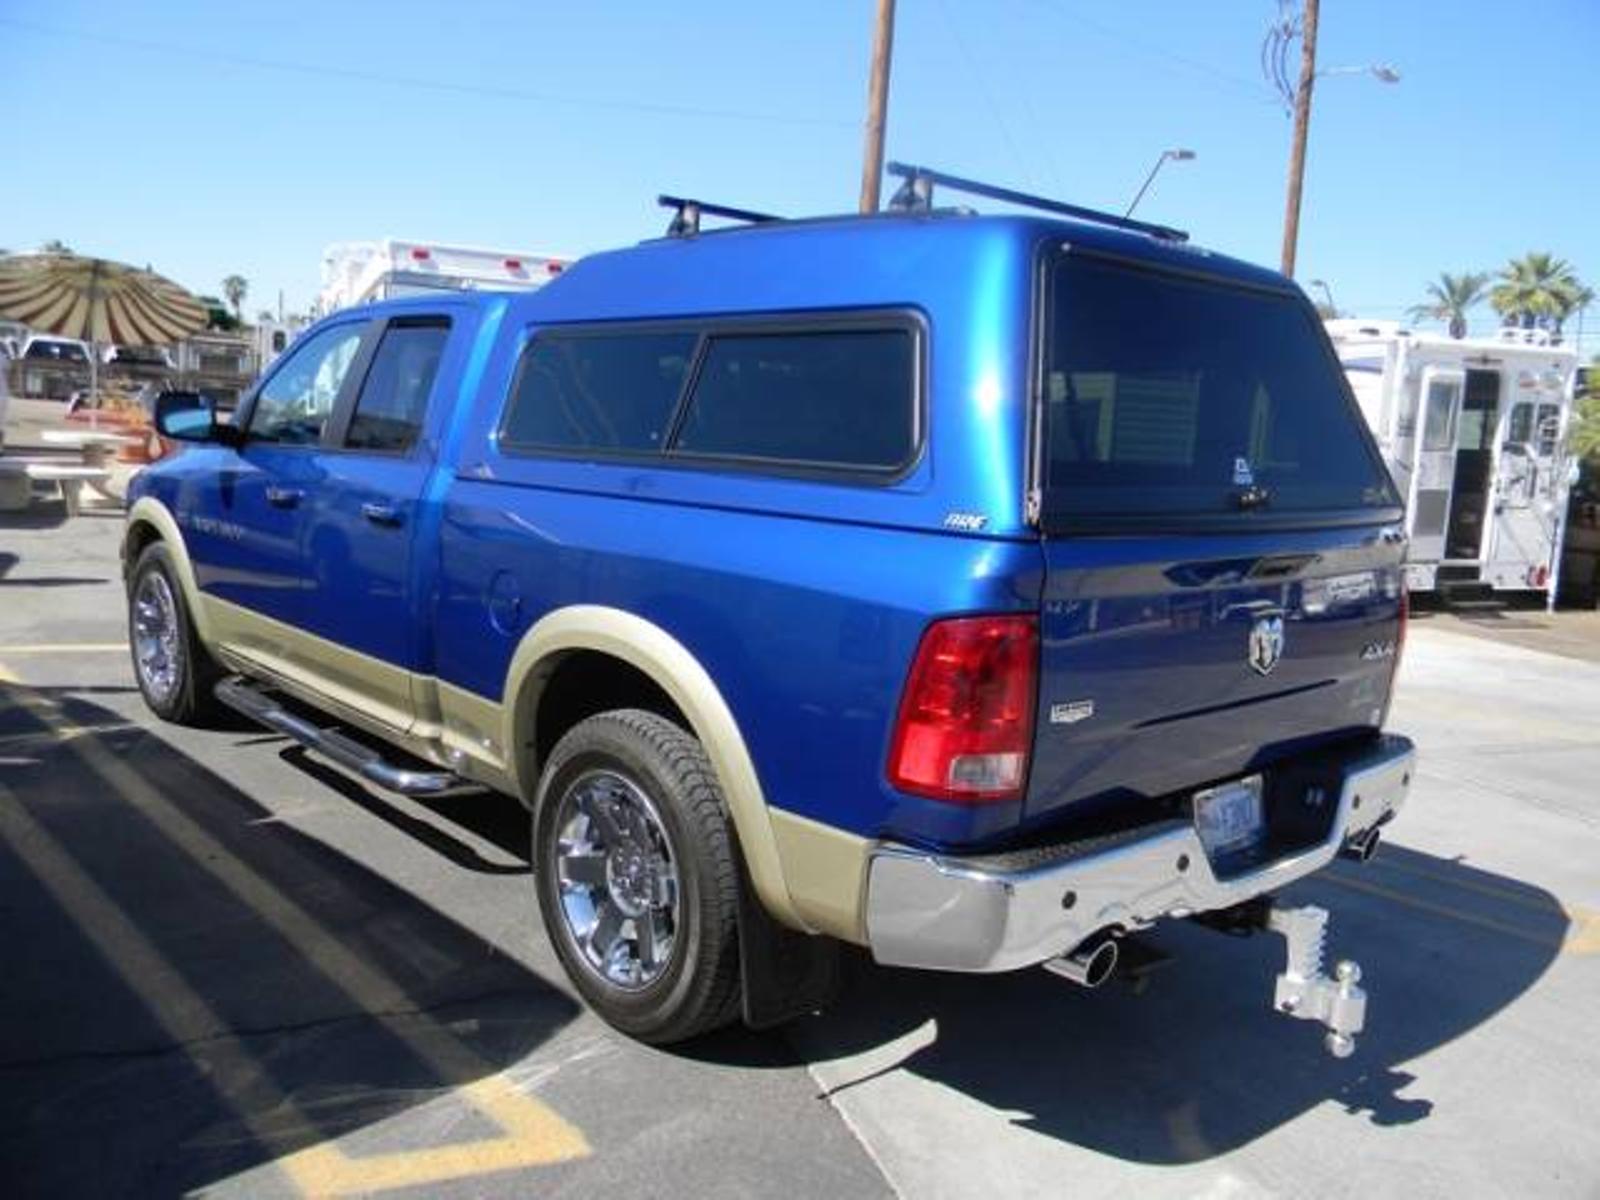 2017 Dodge Camper Shells Truck caps Truck toppers | Mesa AZ 85202